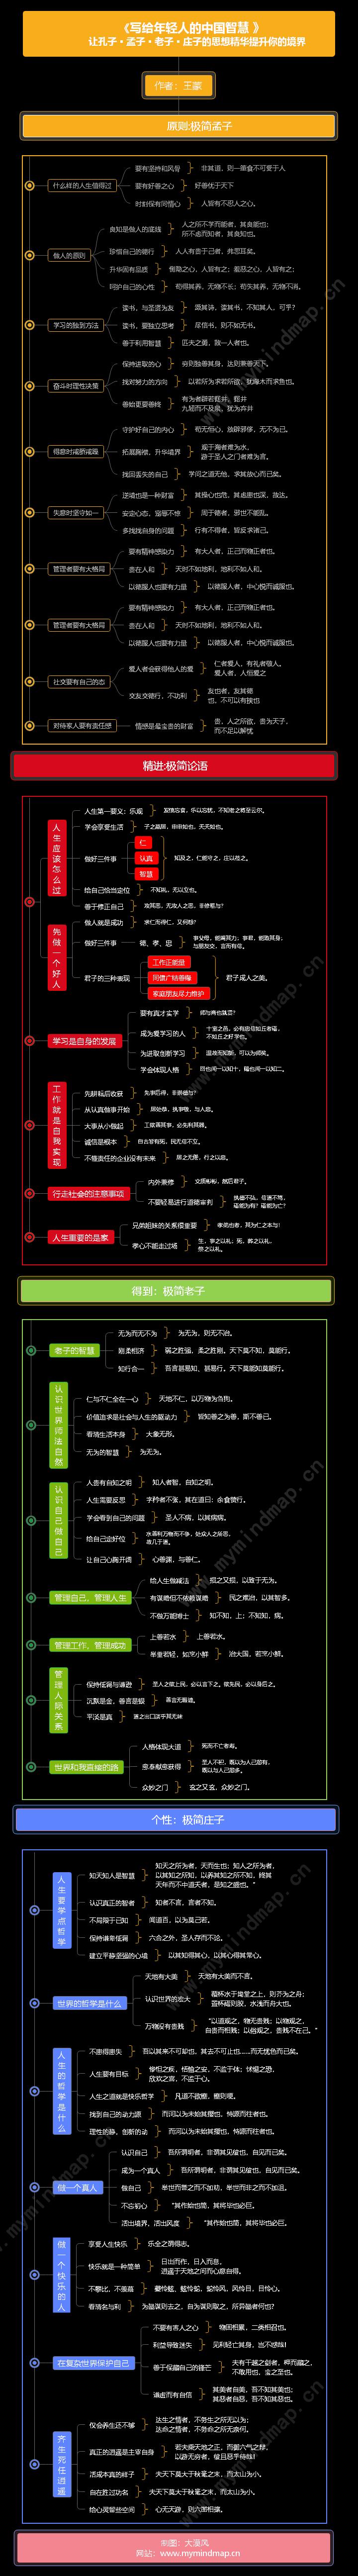 《写给年轻人的中国智慧》——让孔子▪孟子▪老子▪庄子的思想精华提升你的境界